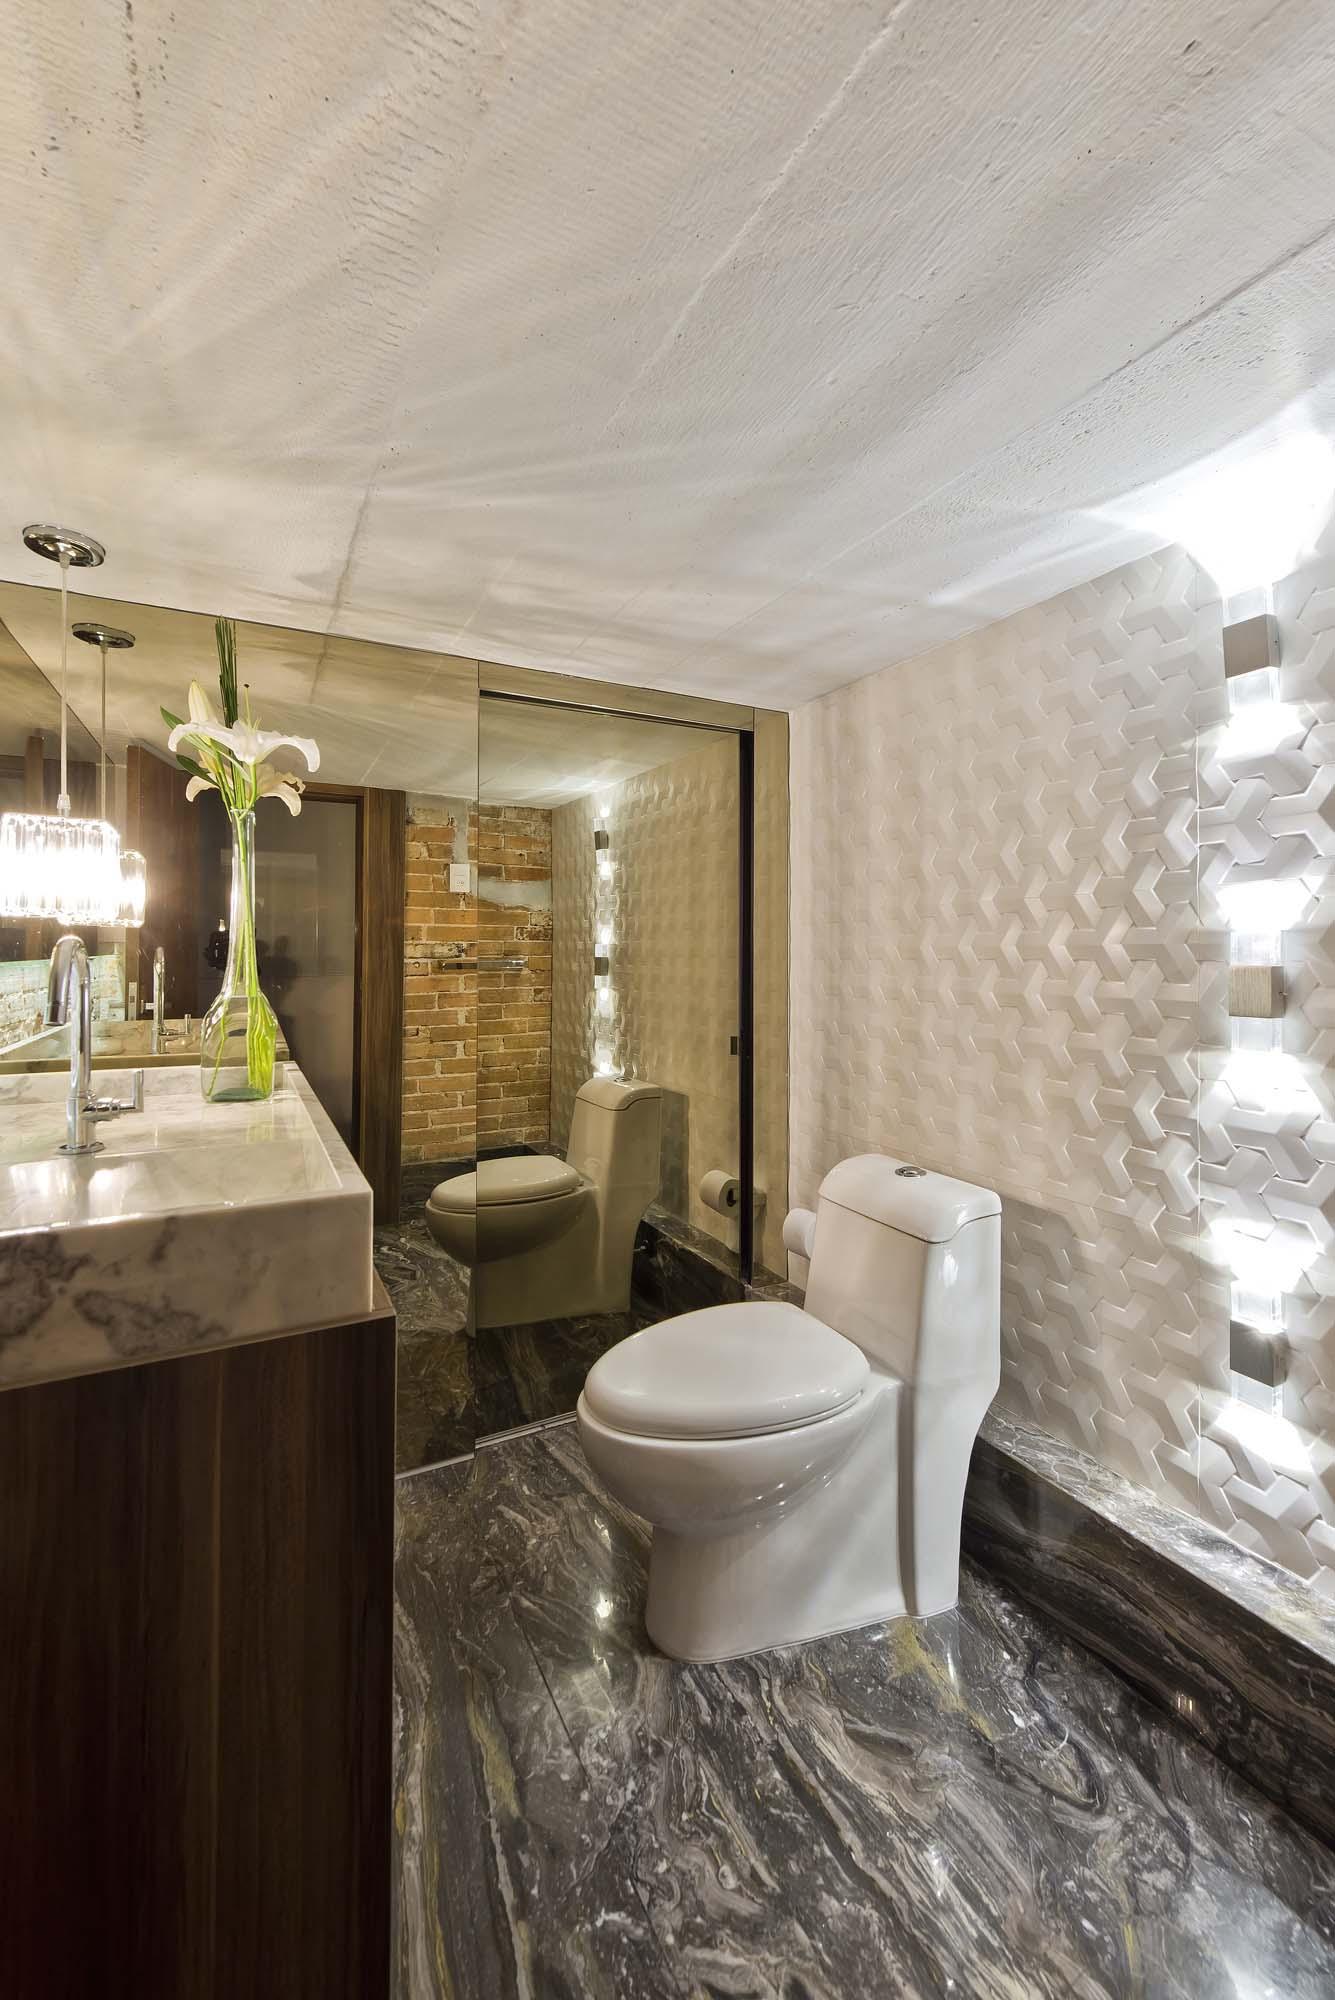 Lavabo com múltiplos materiais é uma forma de apresentar soluções diferentes para os visitantes.